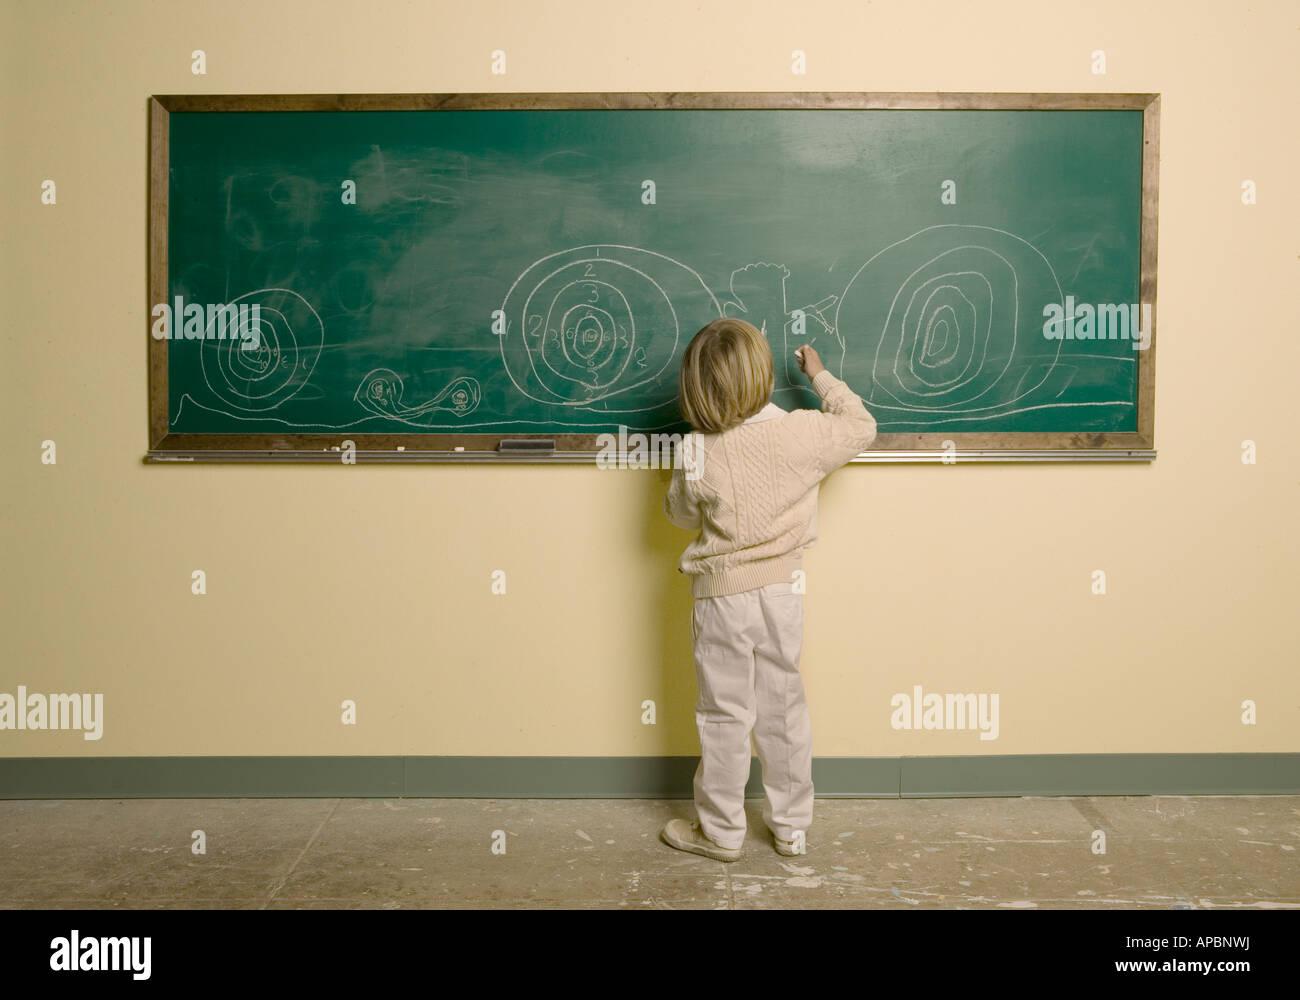 Kleiner Junge Schreibt Mit Kreide Auf Große Horizontale Kreide Board